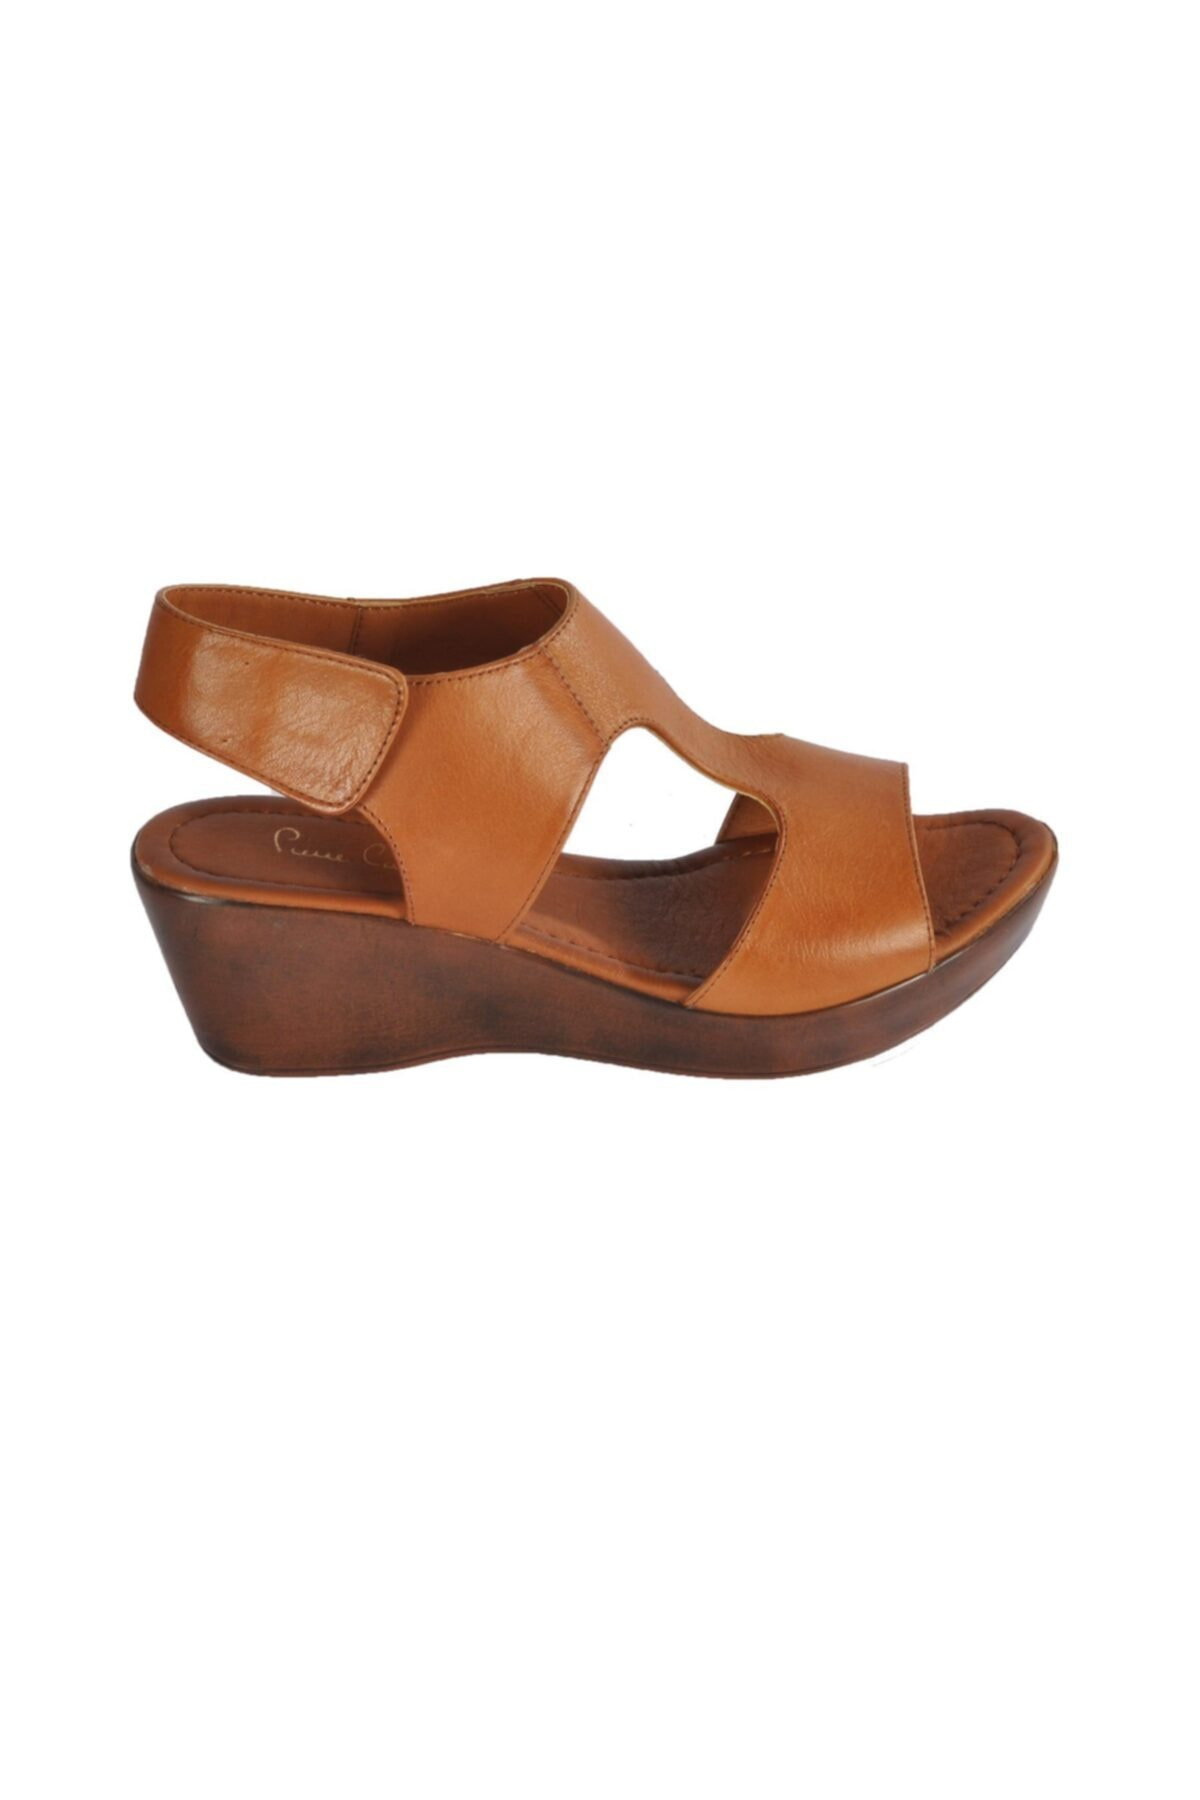 Pierre Cardin Pc-2679 Z.sandalet Taba Kadın Sandalet 2